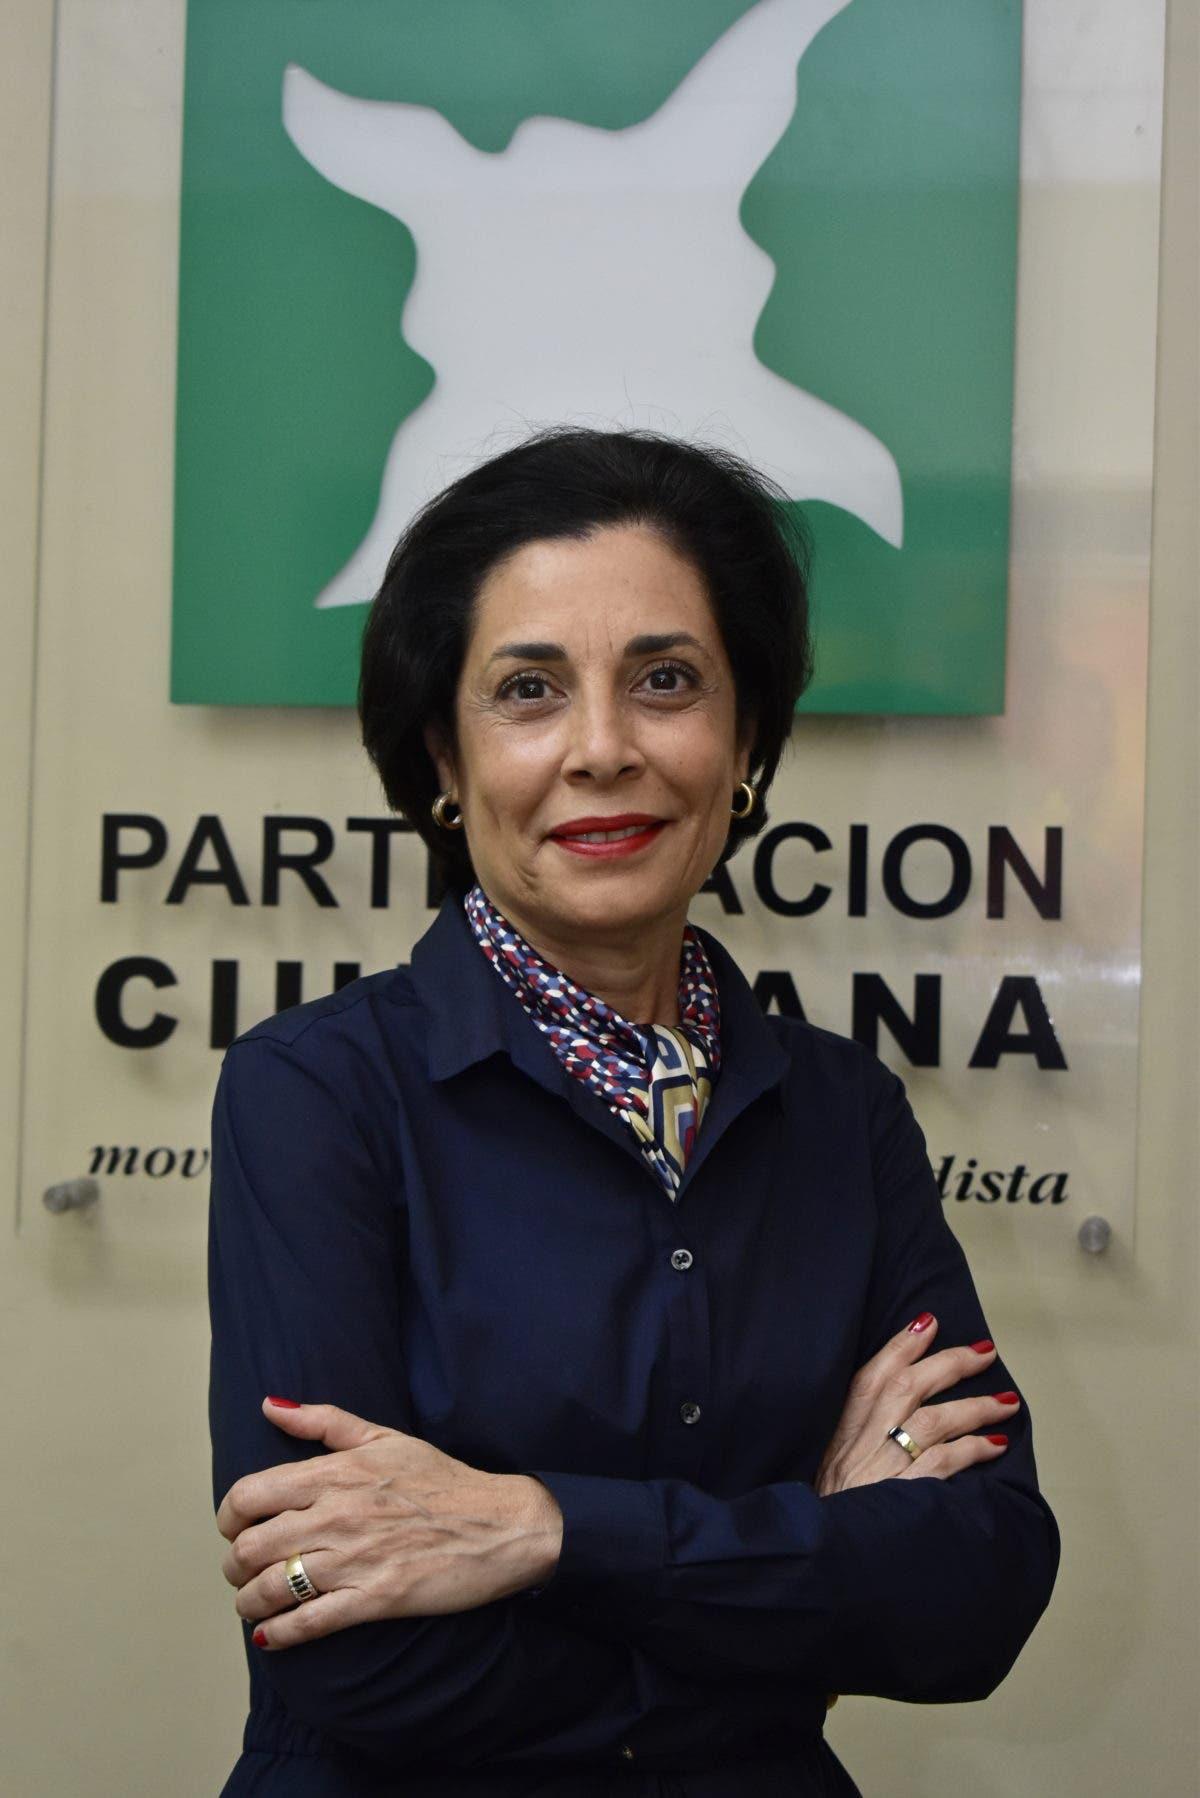 Mariel Fiat es la nueva directora ejecutiva de Participación Ciudadana